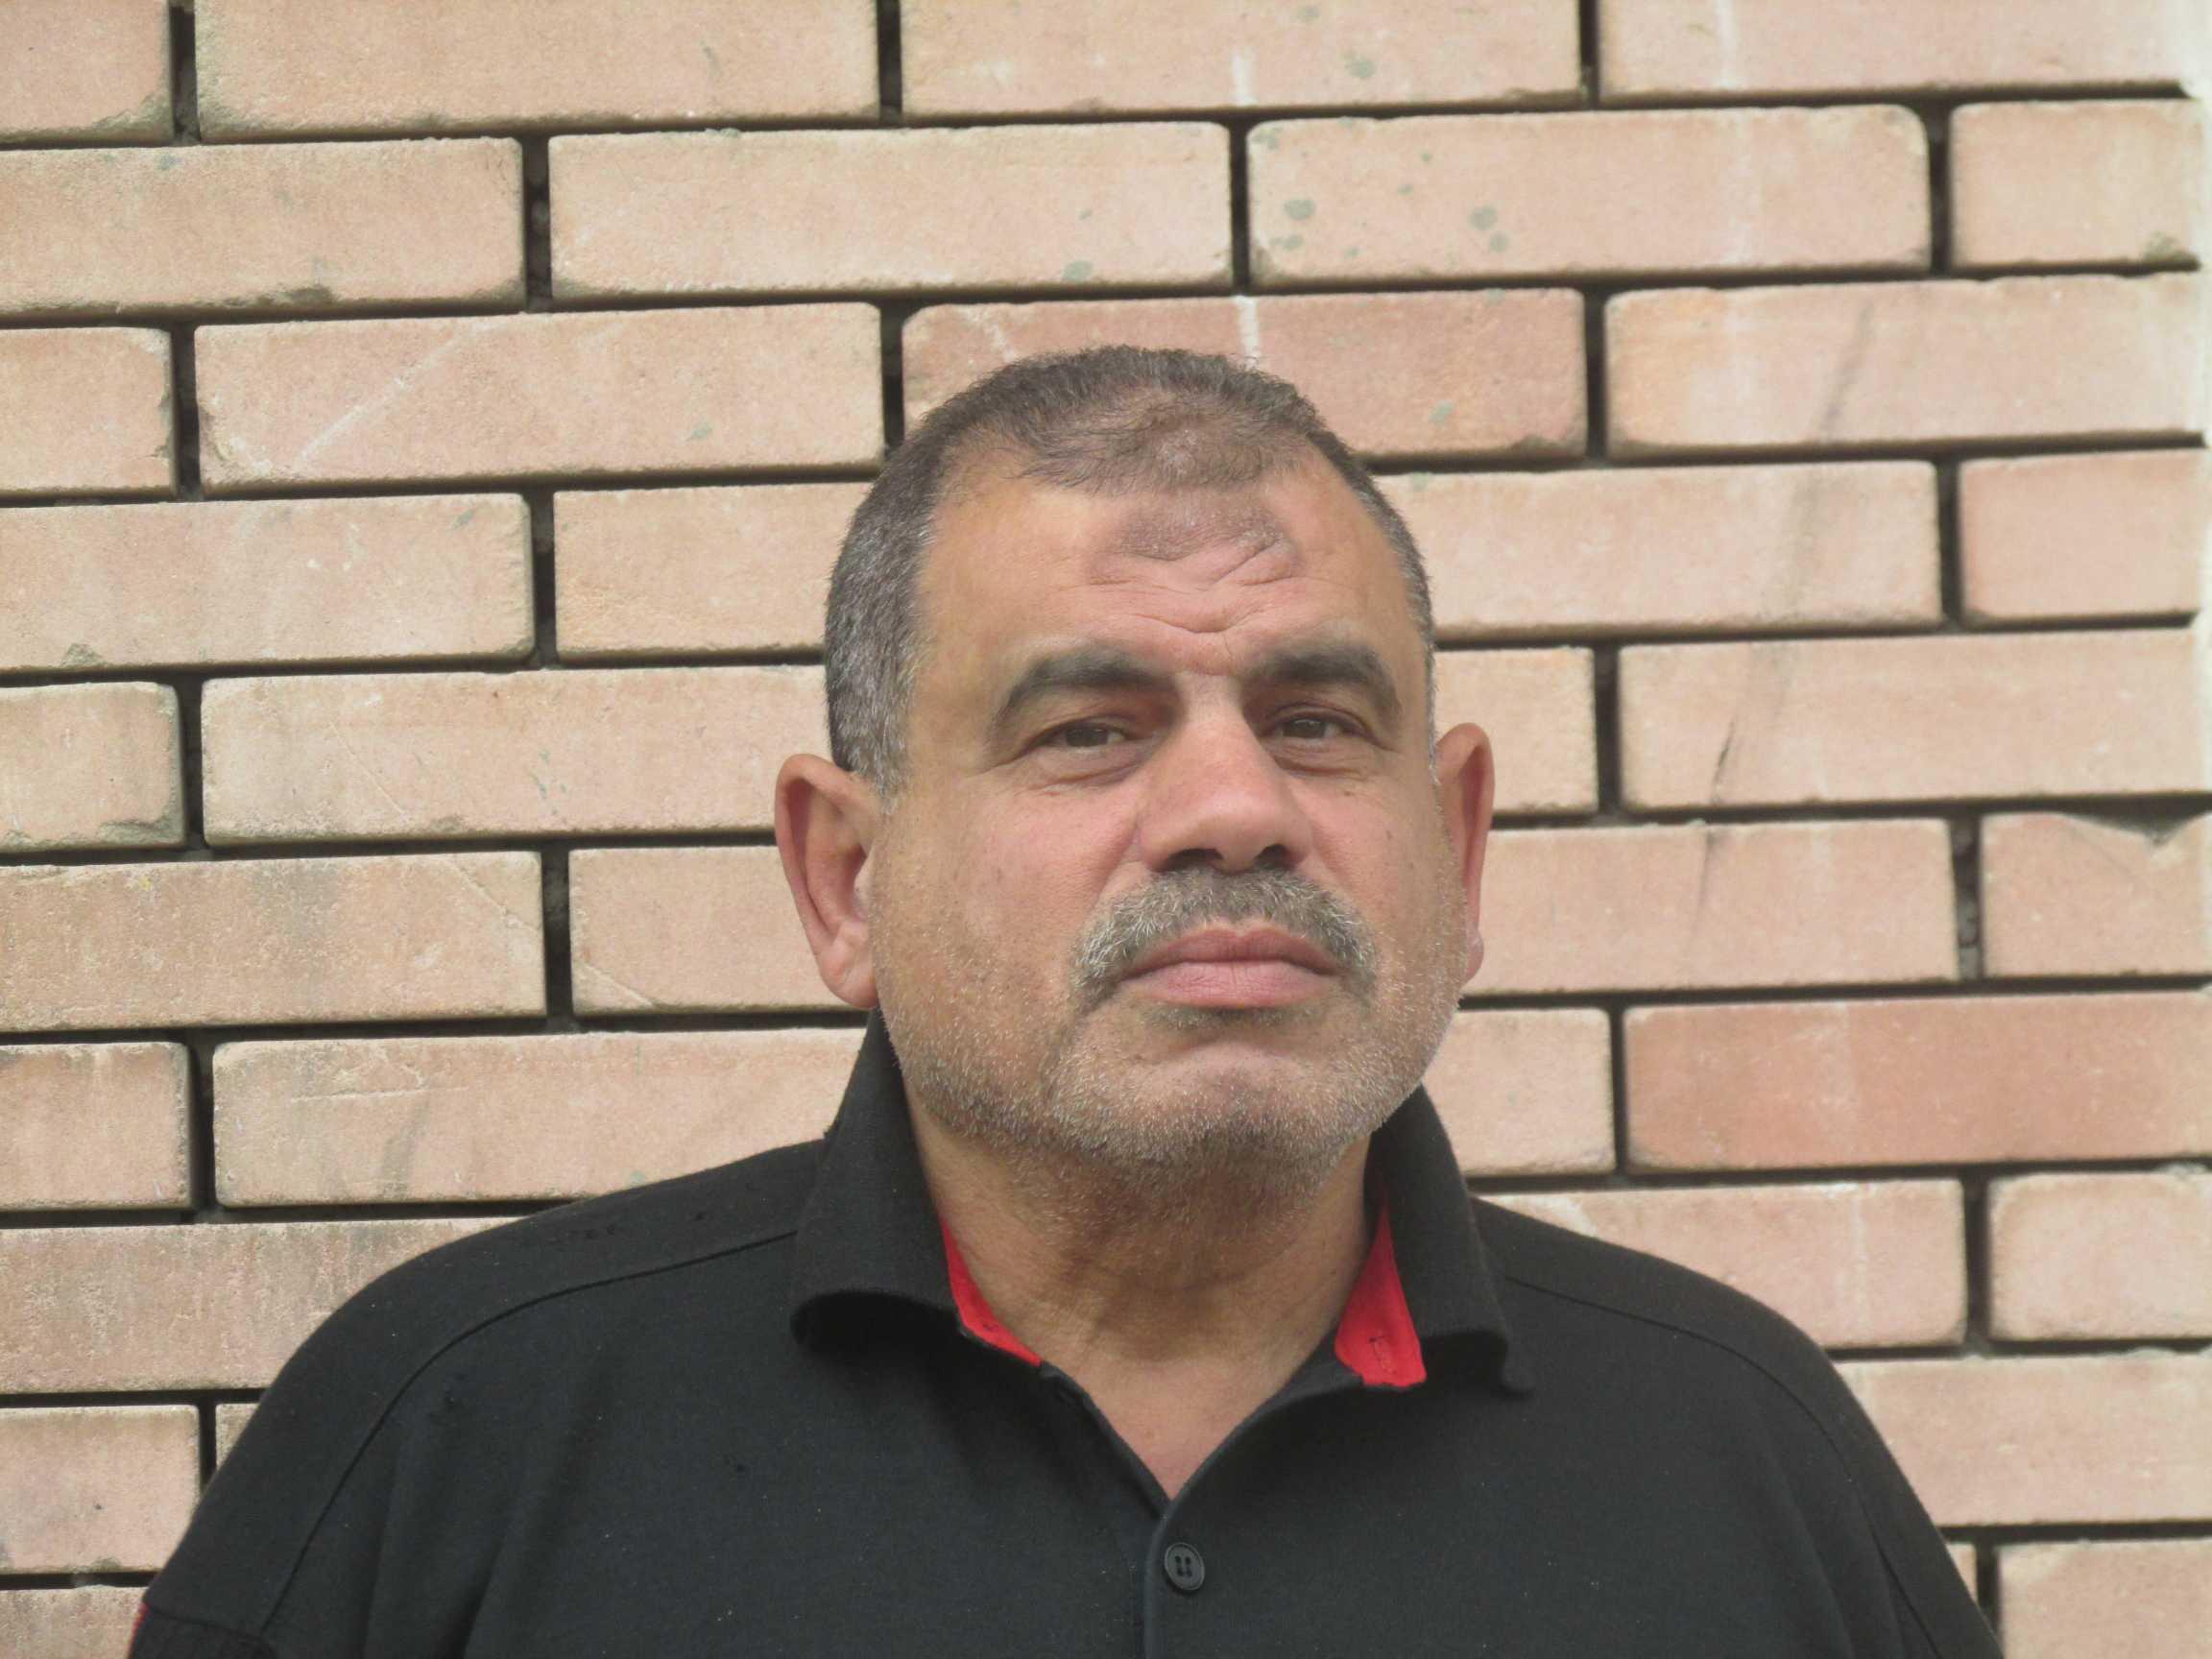 والد الشهيد  طيارأحمد محمد أبو العطا